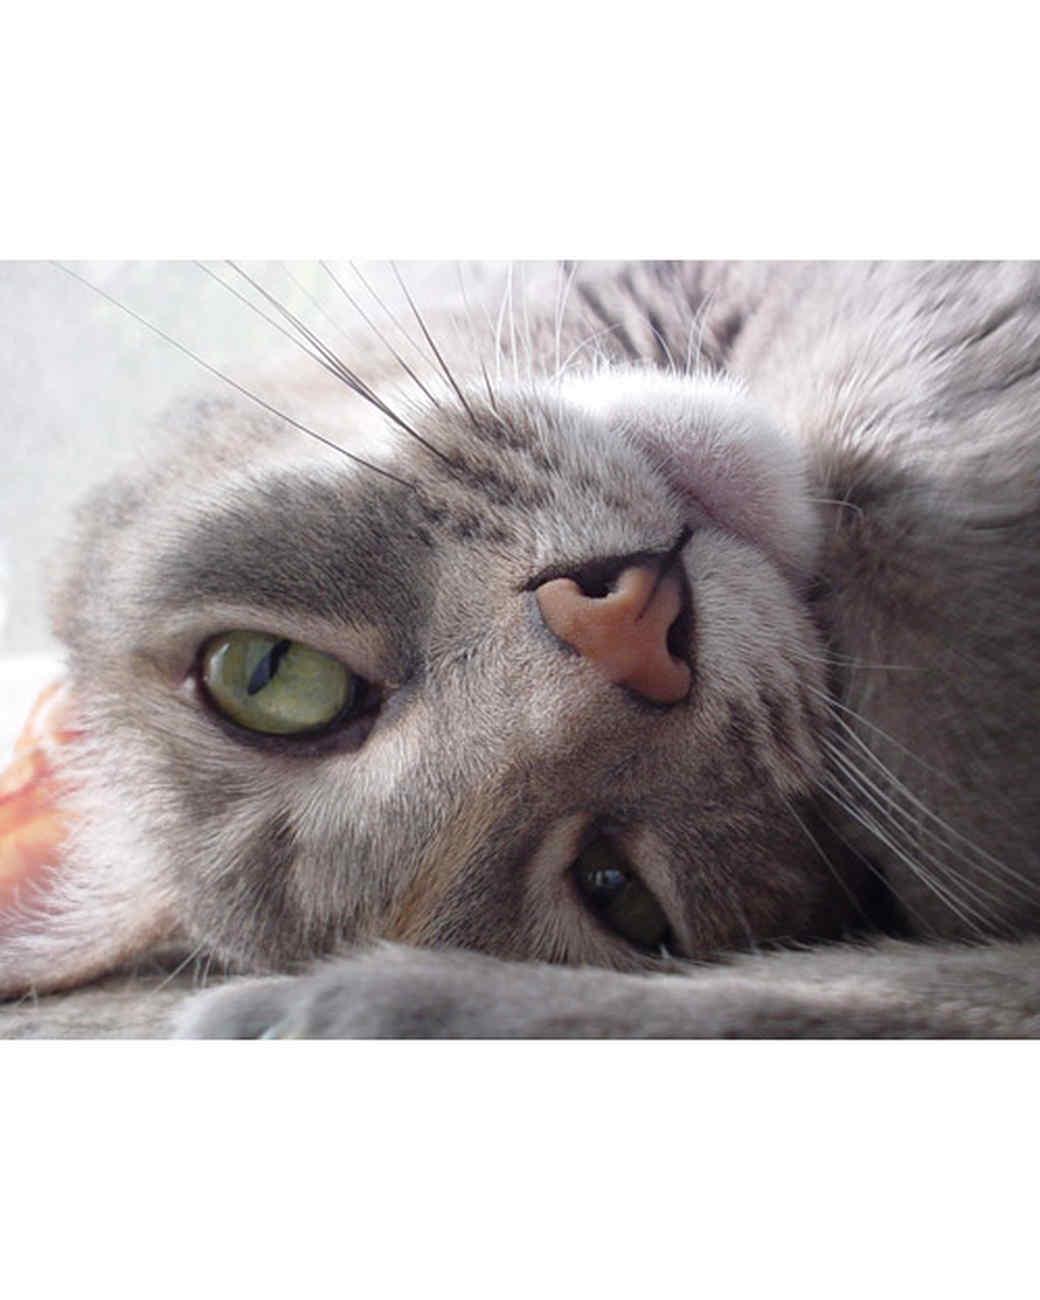 pets_lazy_0909_ori00099141.jpg